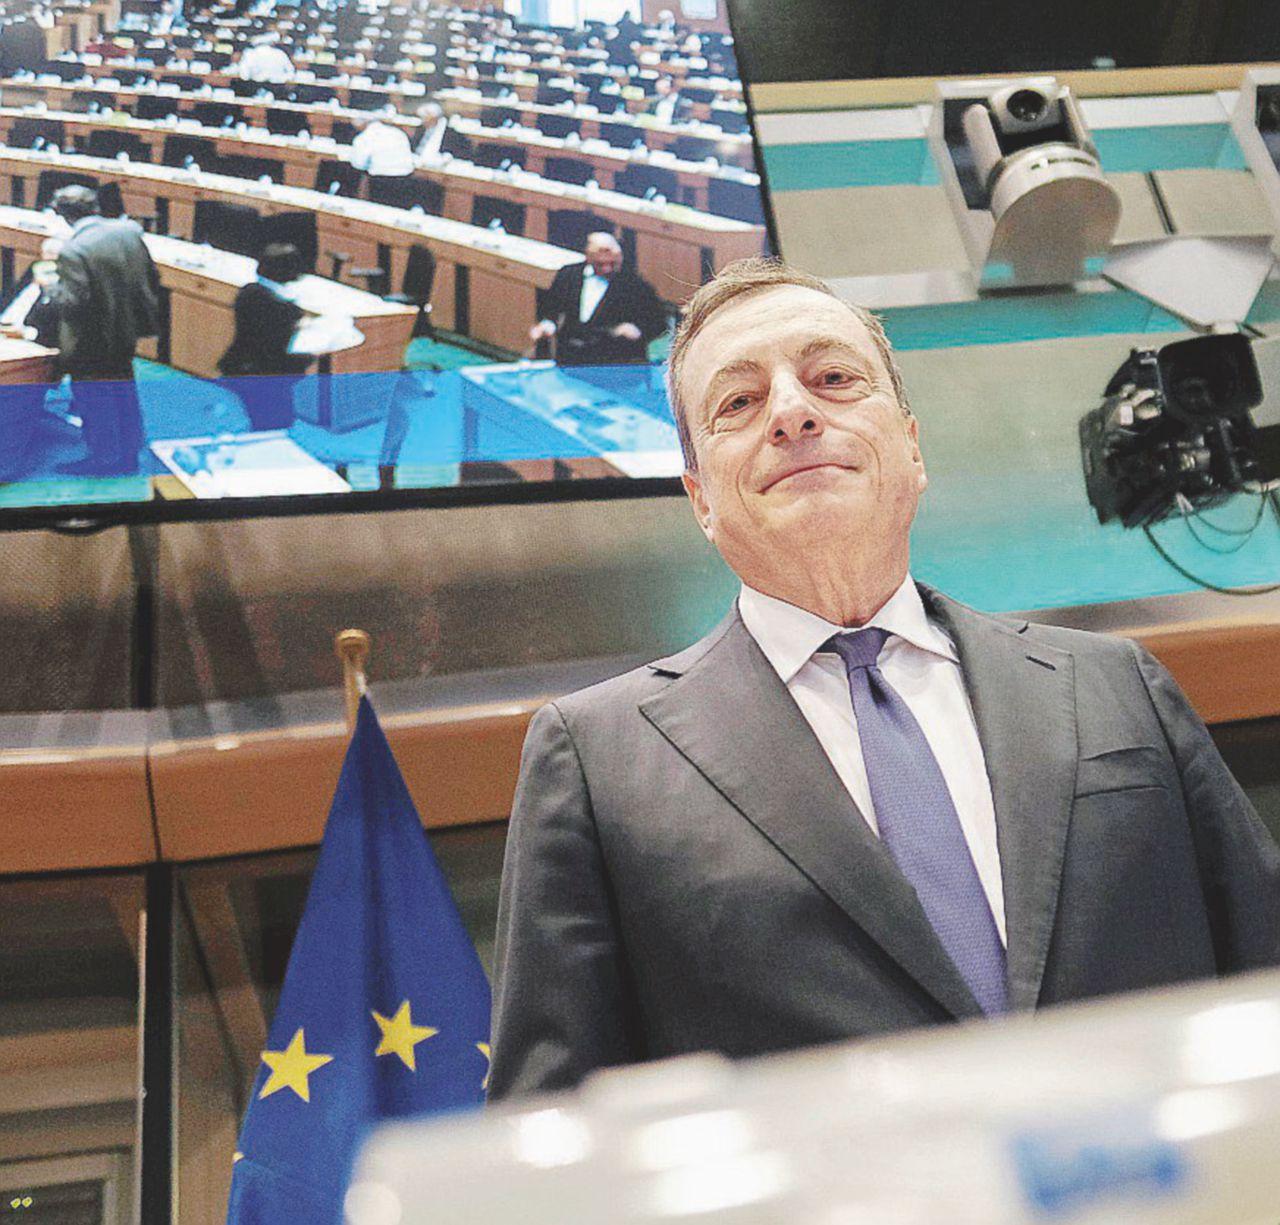 Sul Fatto del 17 novembre – No dell'Ue. Pronti i ricorsi alla Consulta per la violazione del pareggio di bilancio